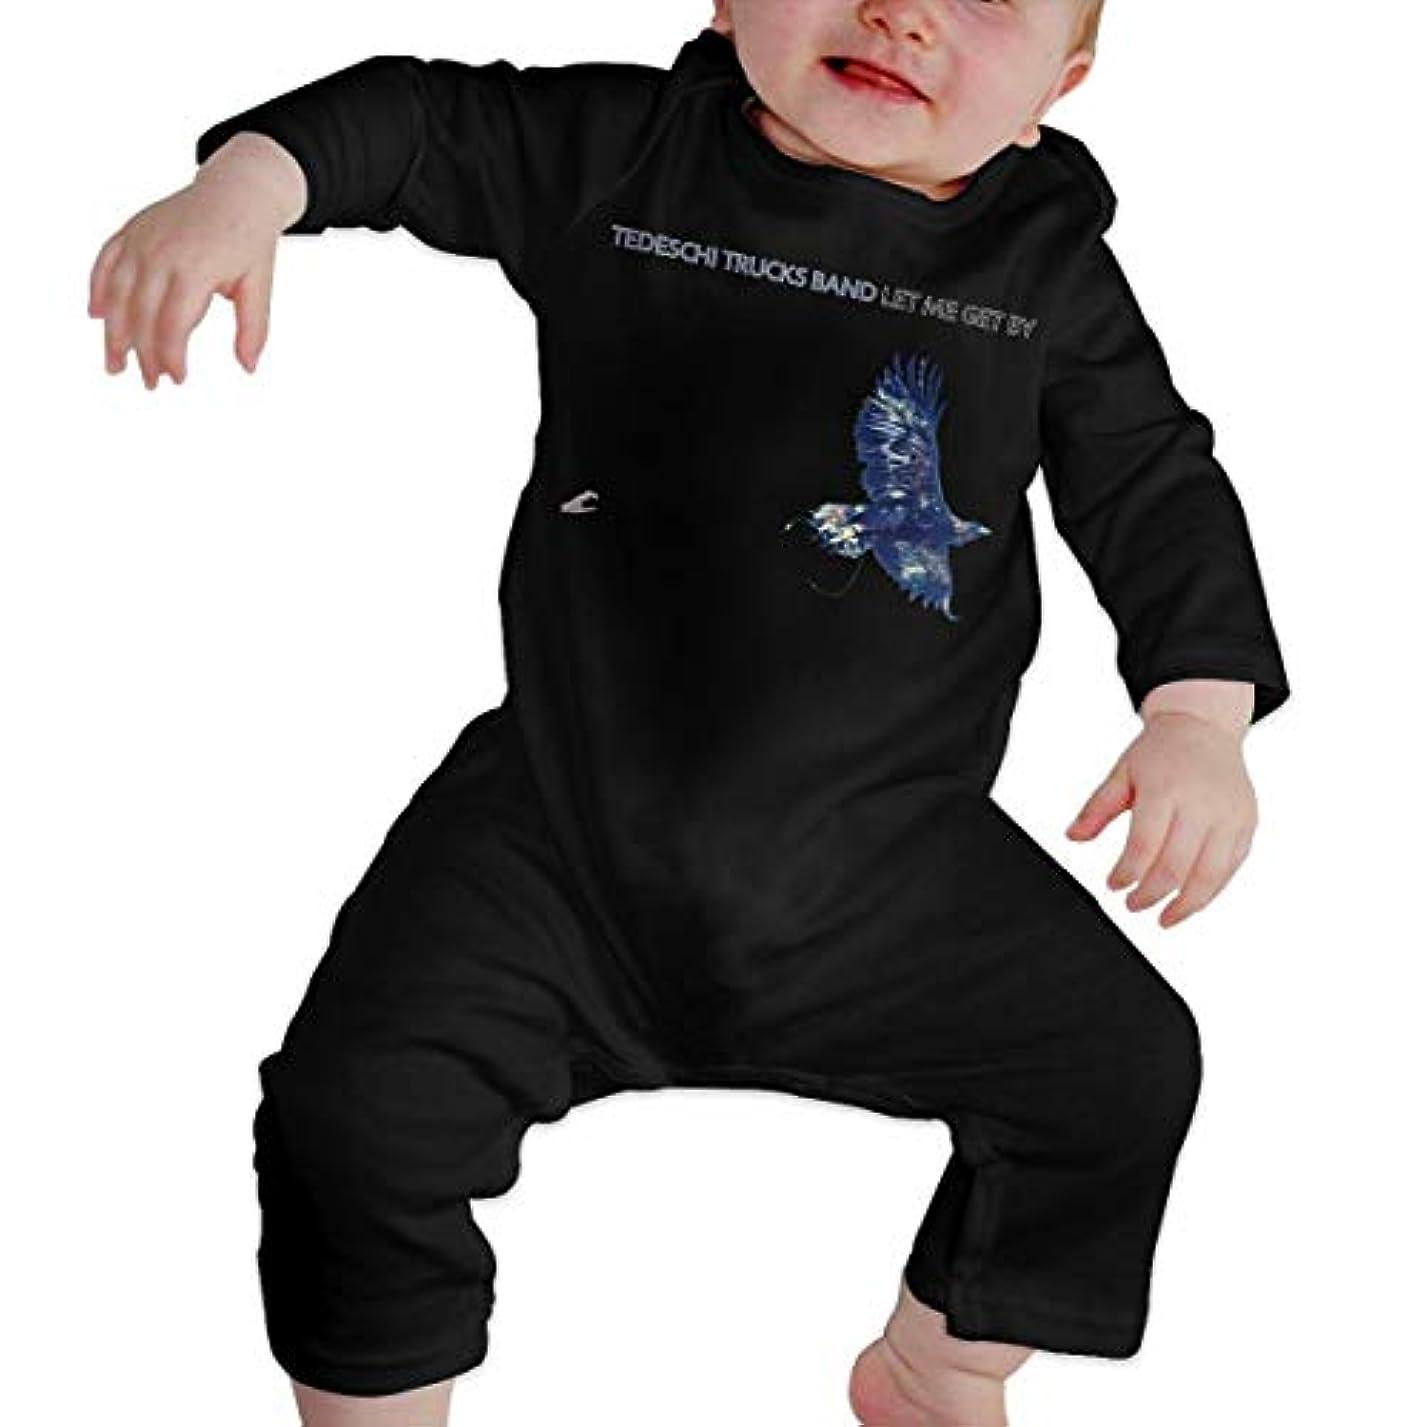 害コンペ愛されし者Baby's、Kid's、Infant Utility、Cotton ジャンプスーツ、ロンパース、衣類、ボディスーツユニセックスベビークローラーブラック 6M